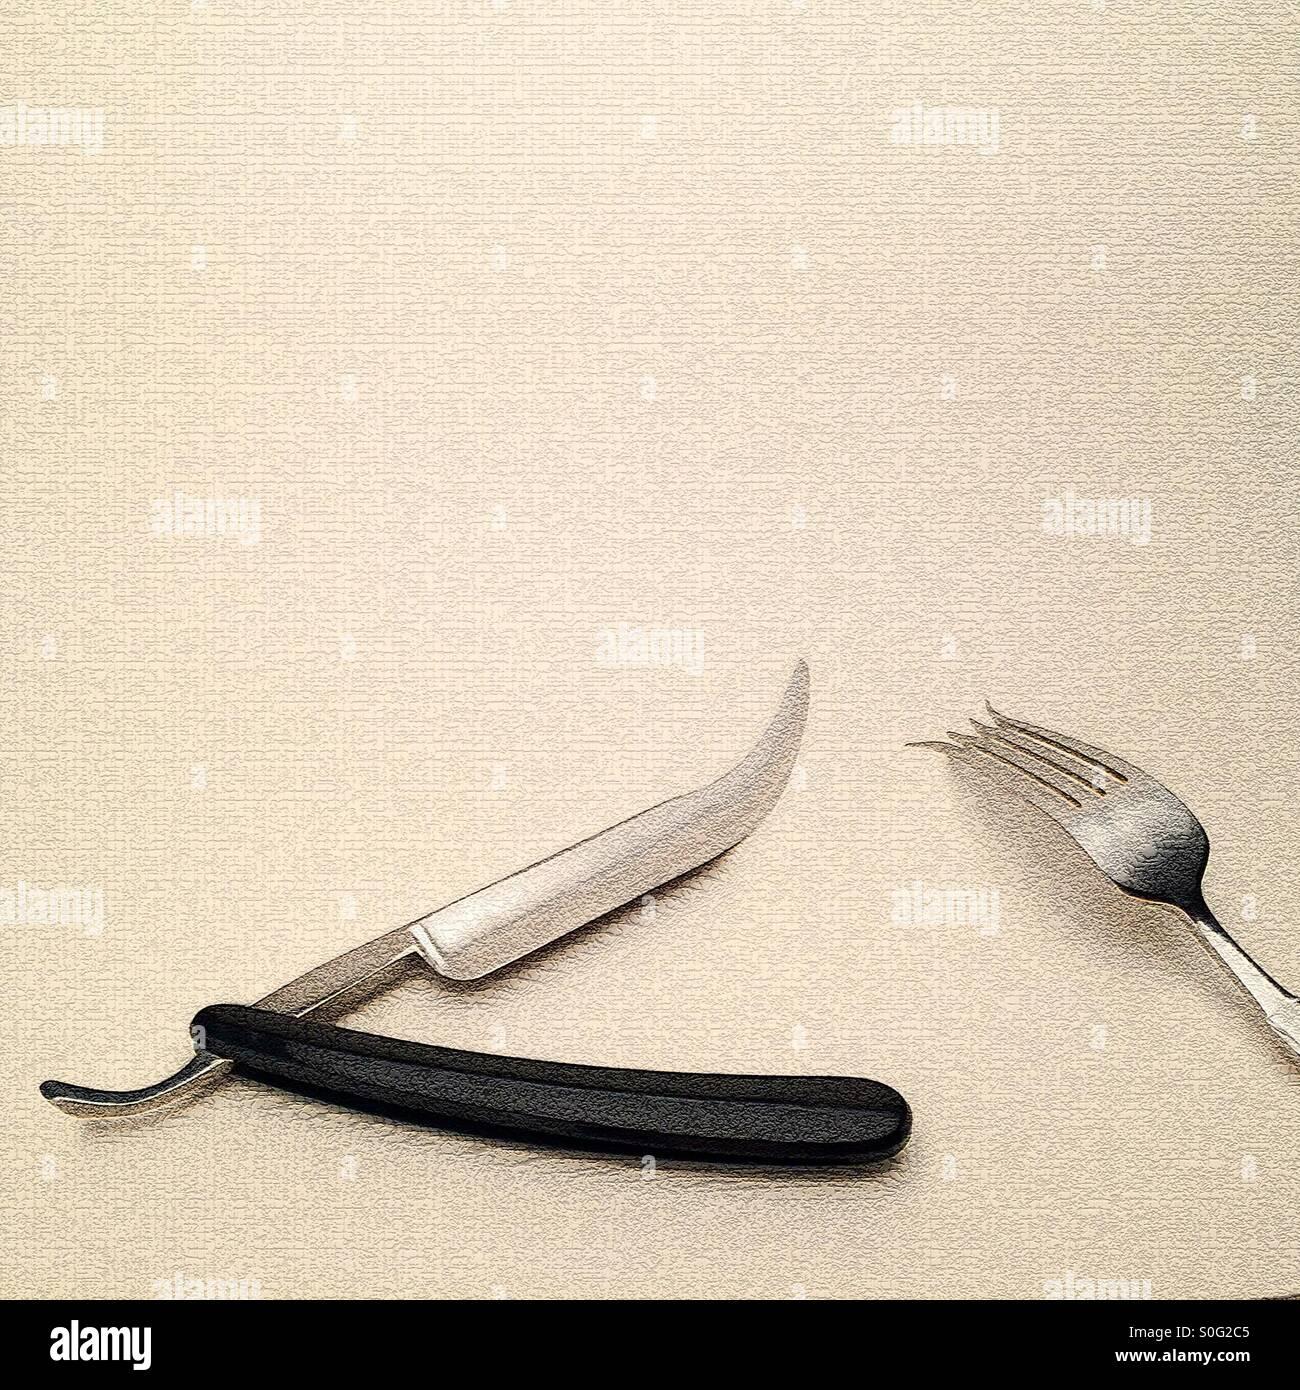 Manipolati digitalmente l'immagine che mostra gola tagliata razor coltello e forchetta dando un futuristico Immagini Stock